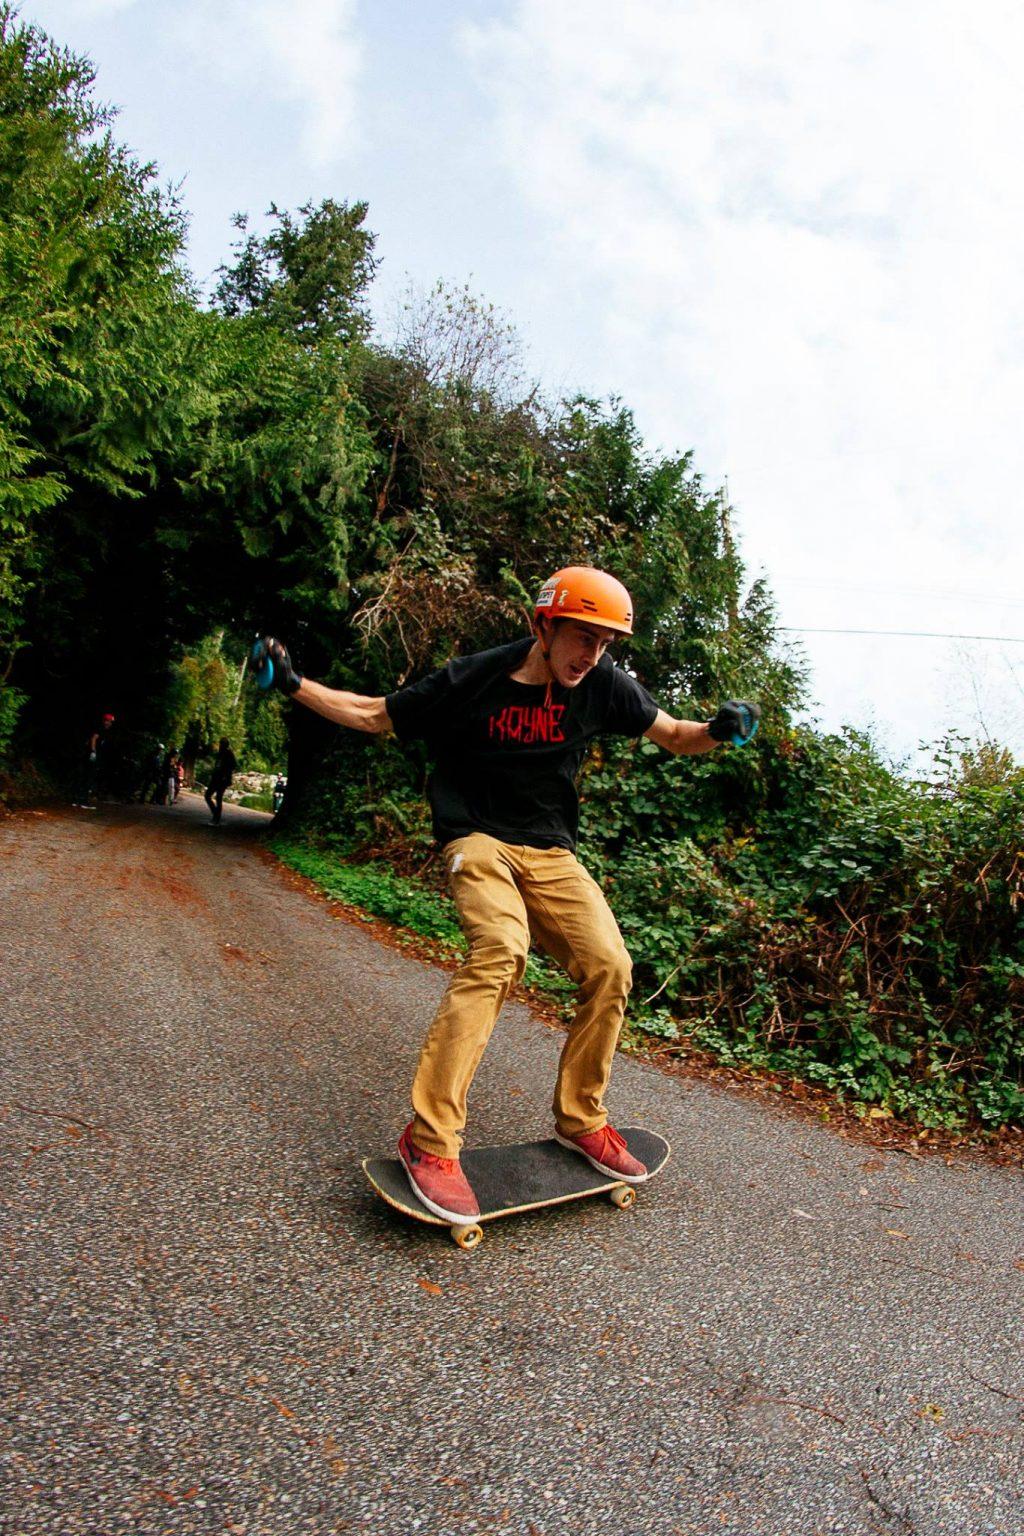 11-sam-galus-flatspot-longboards-valhalla-skateboards-higway-jam-highwayjamx-sho-ouellette-sho-stopper-longboarding